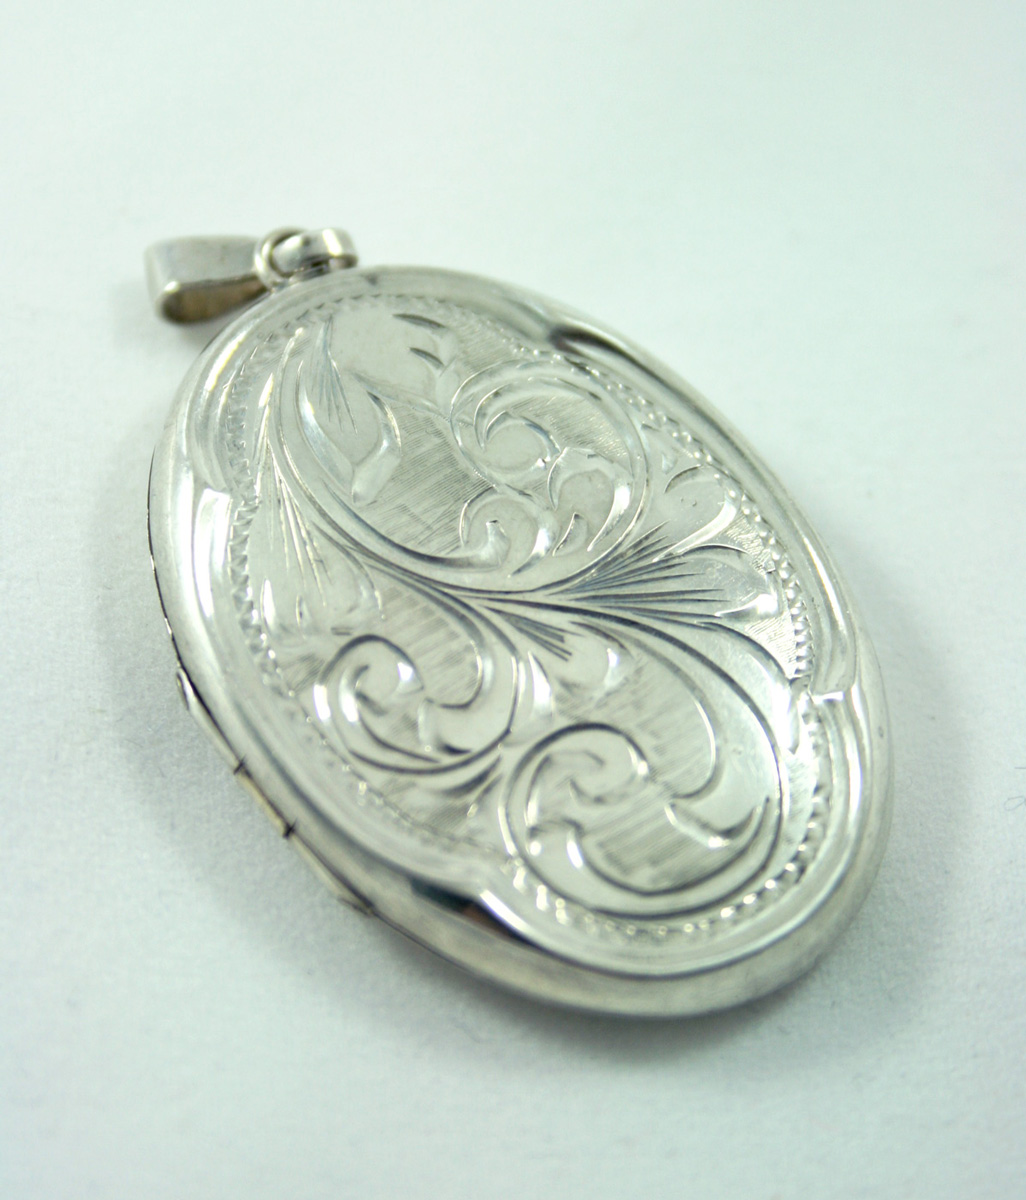 order goede pasvorm zo goedkoop Zilveren medaillon uit 1977 met prachtige details - Vintage ...